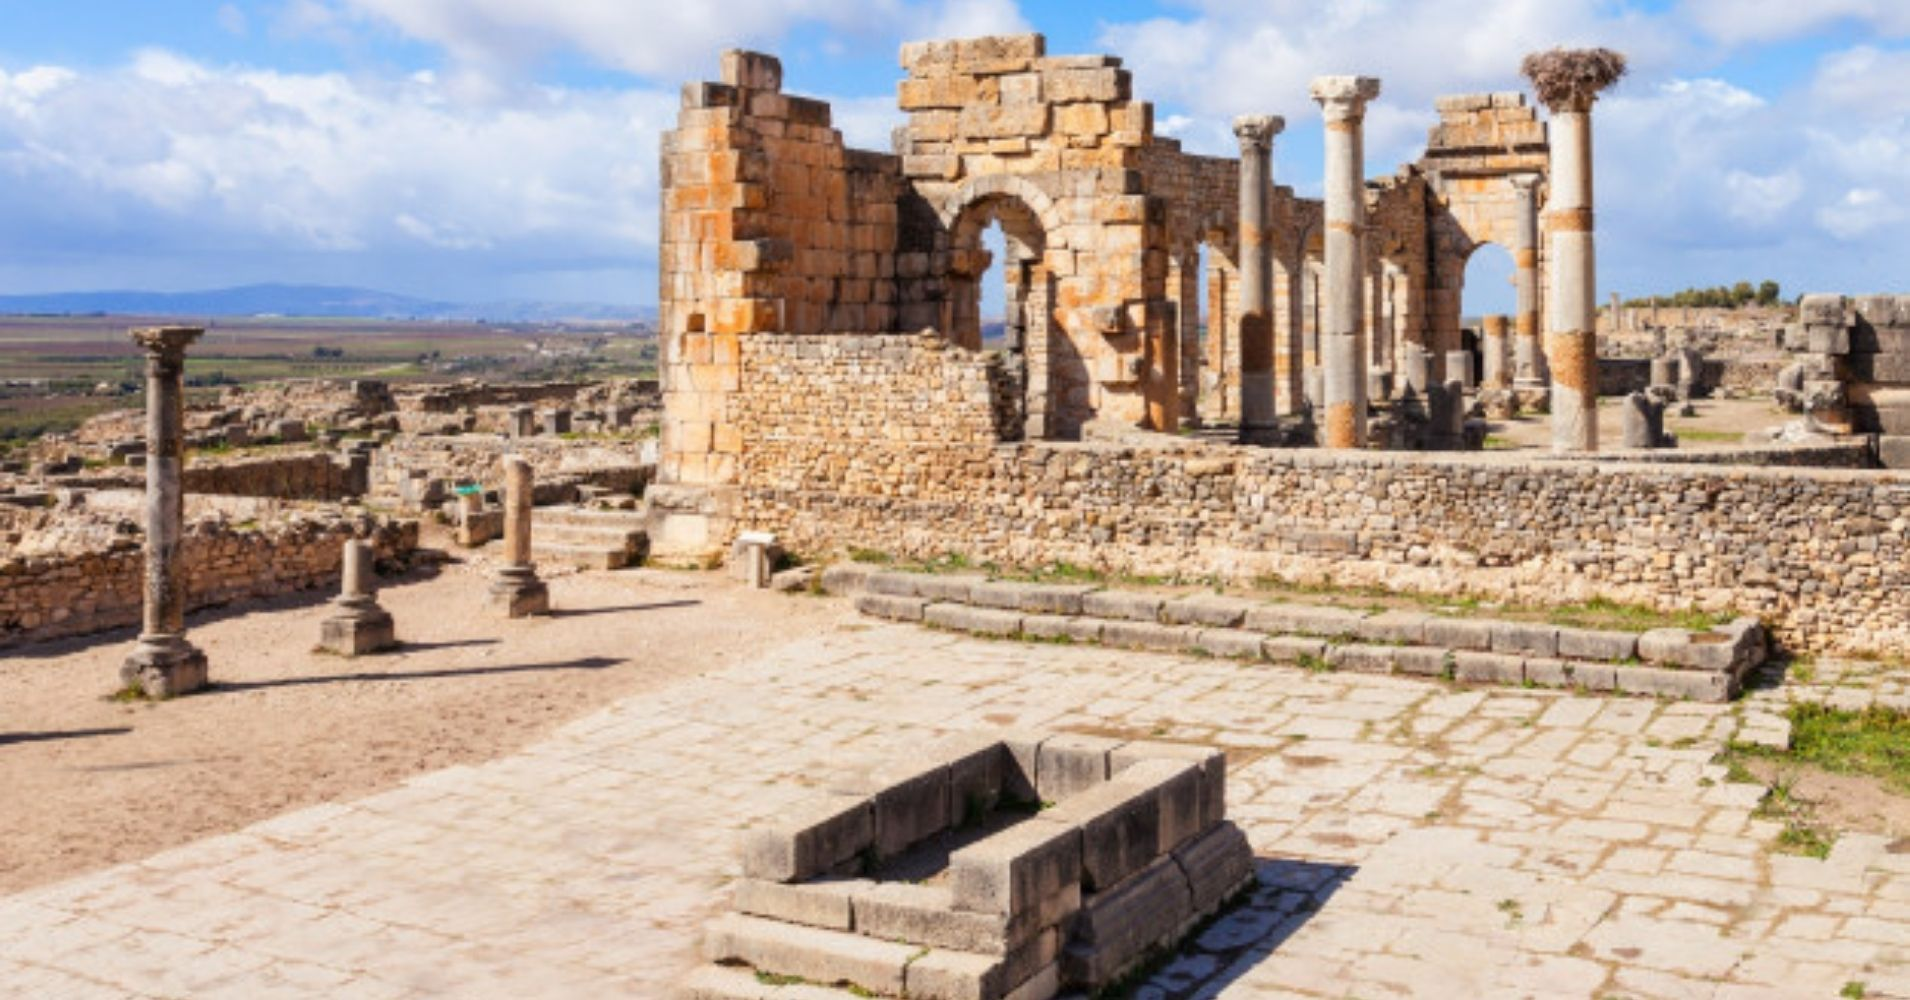 Ciudad Romana de Volubilis Tesoros Olvidados, Marruecos.